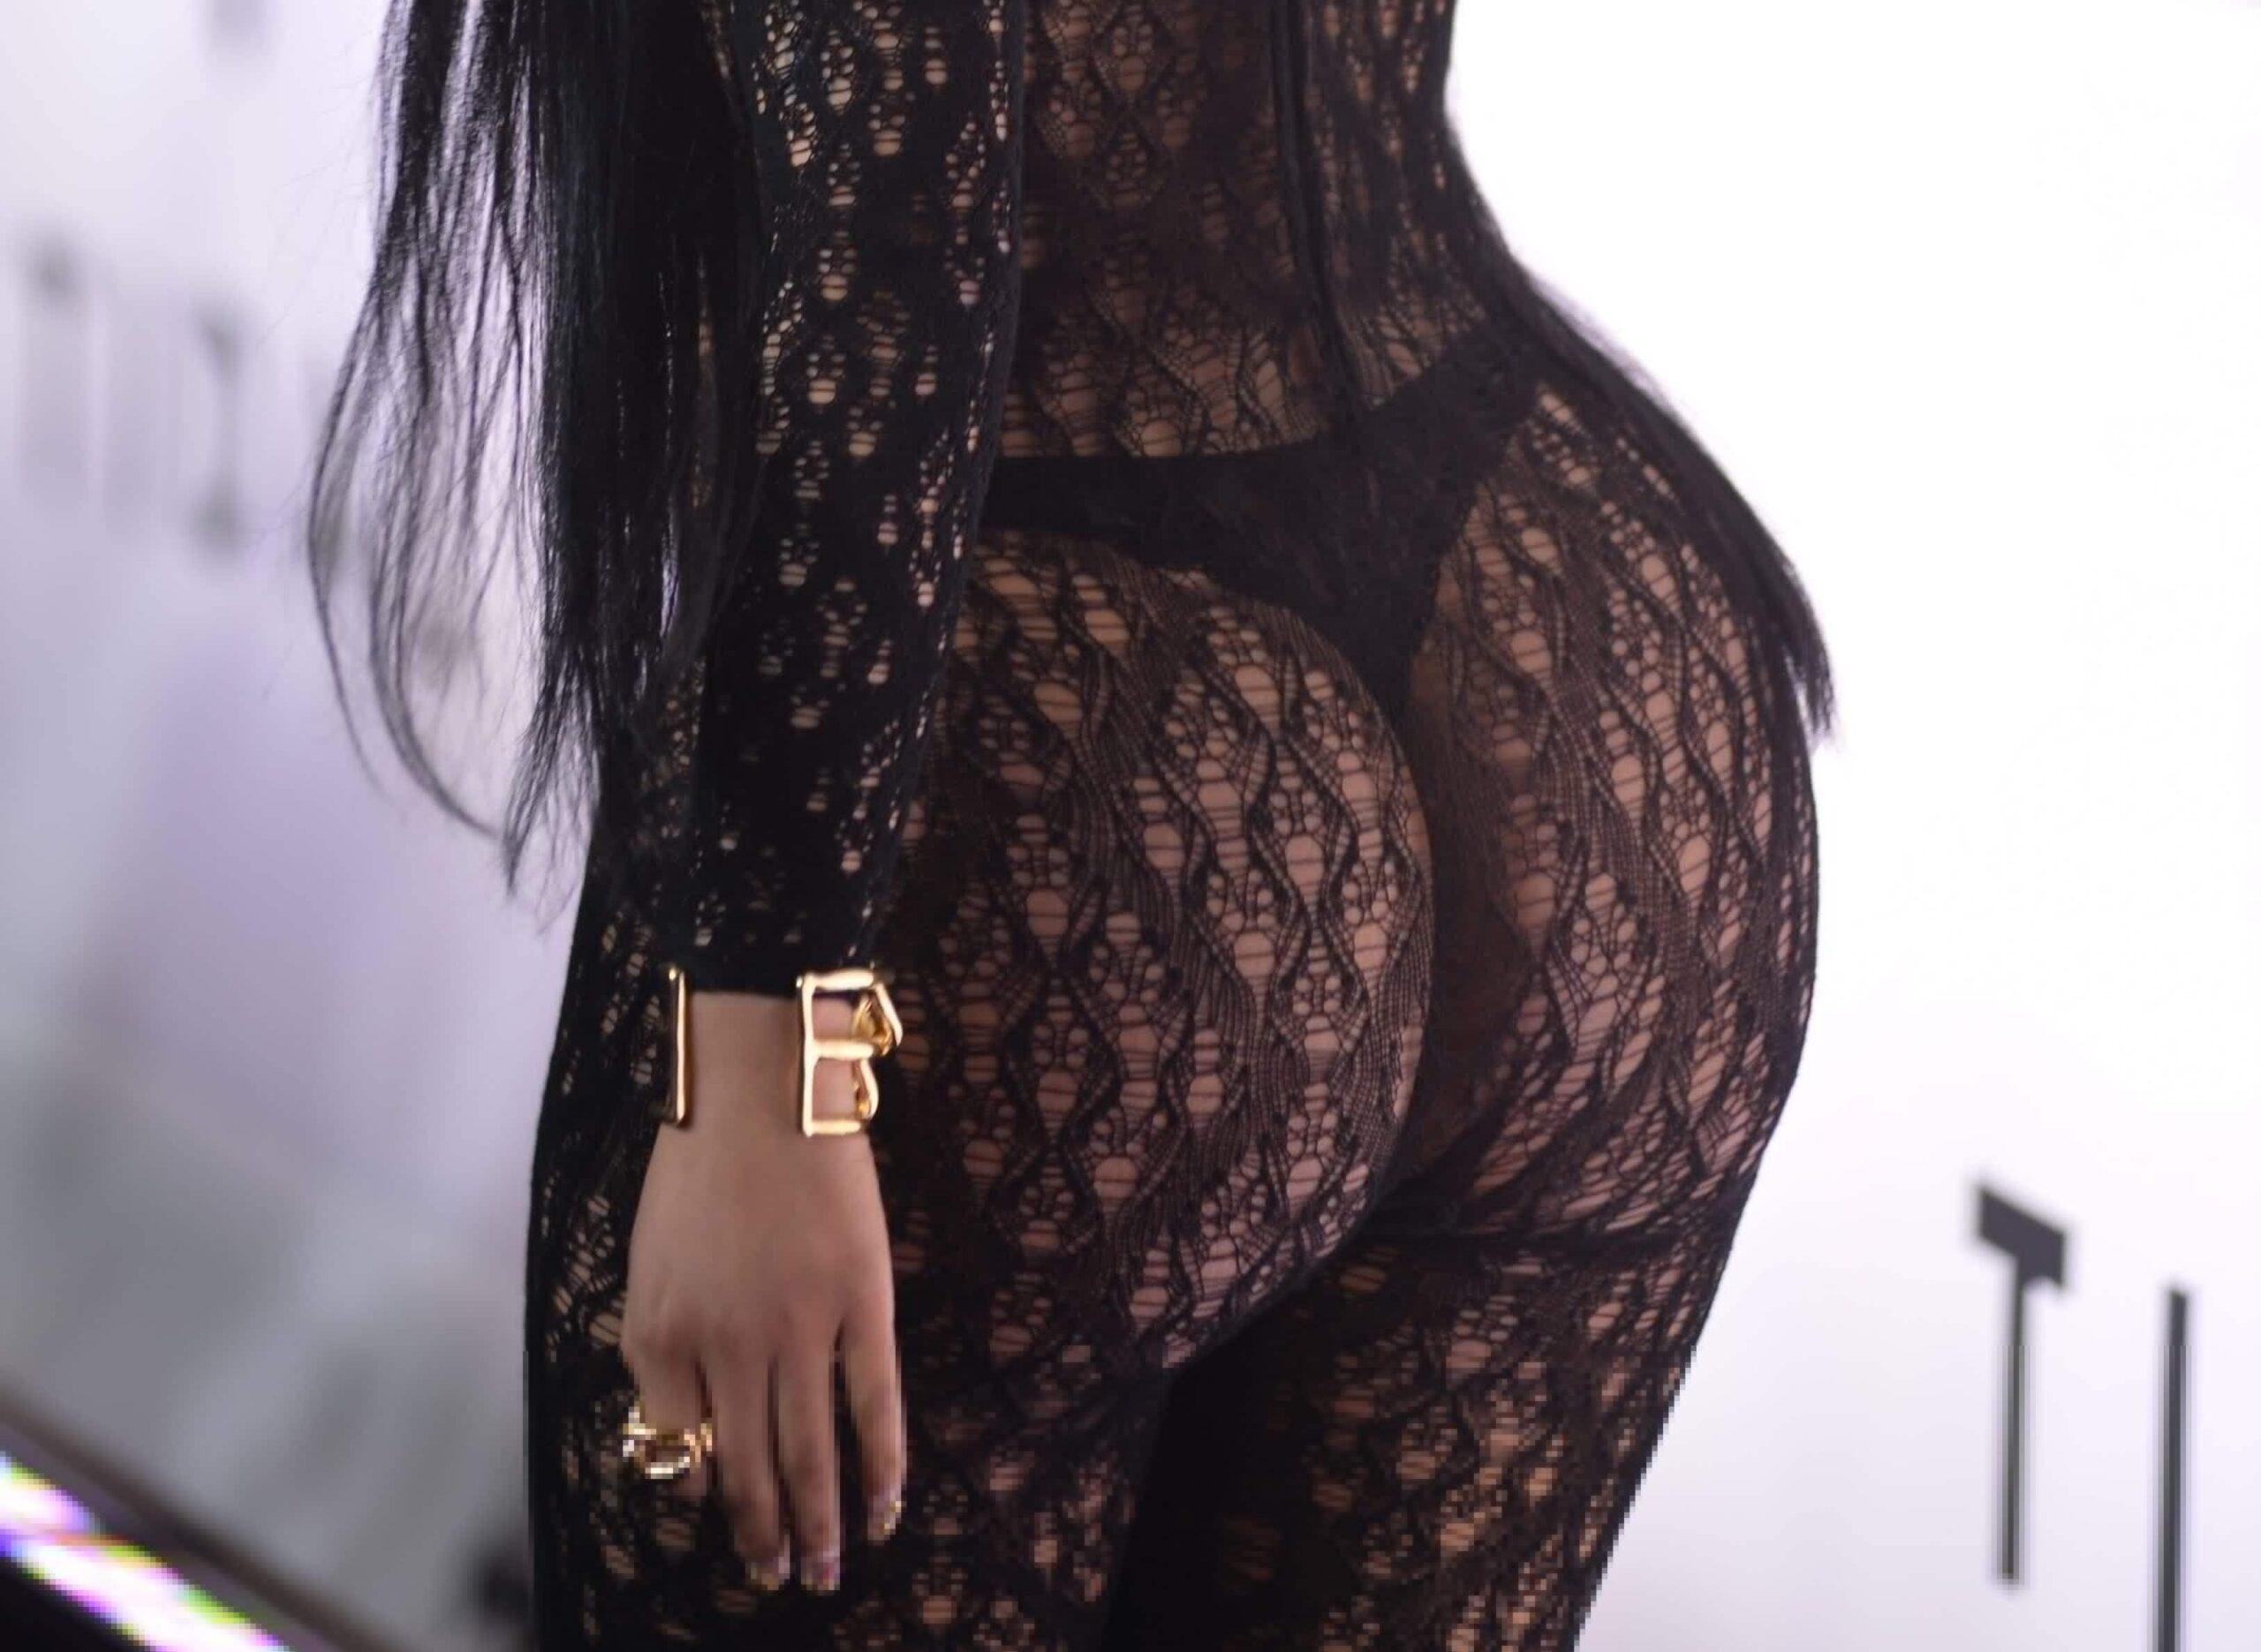 Nicki Minaj's Booty Going Crazy at Tidal